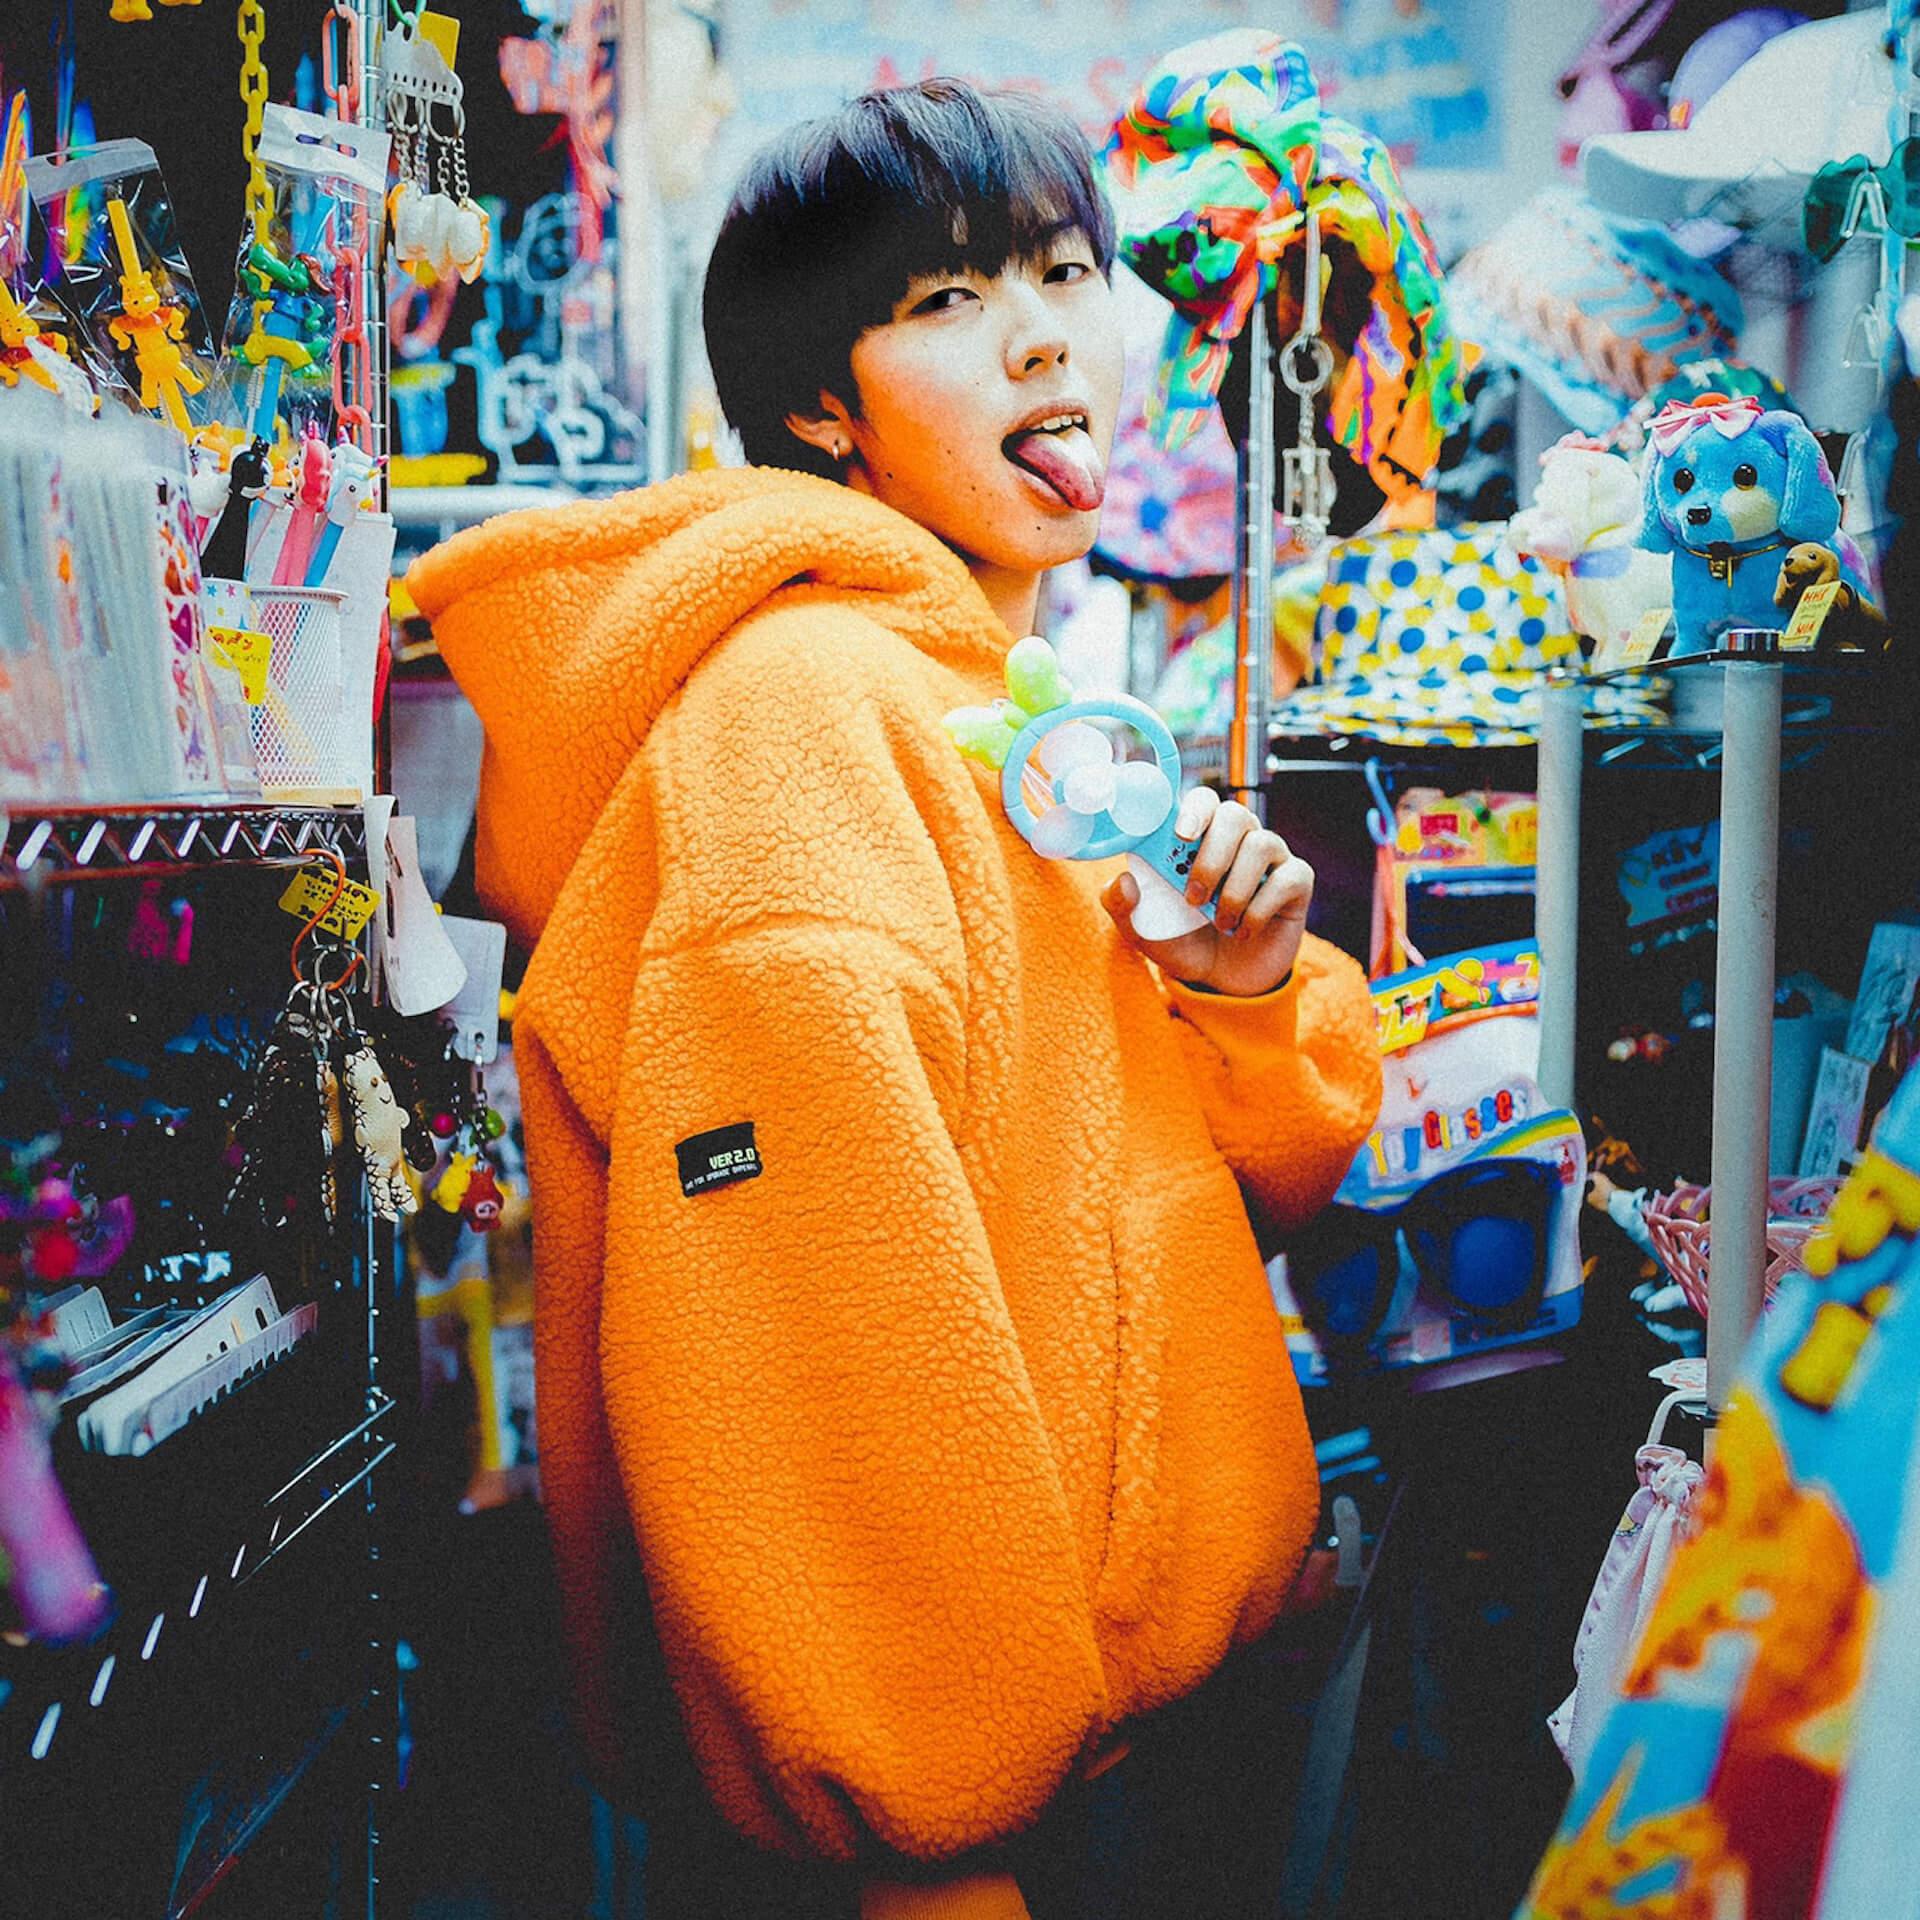 Gokou Kuytの最新EP『U DESERVE IT!』が〈TOKIO SHAMAN RECORDS〉から本日配信リリース! music210922_gokoukuyt_1